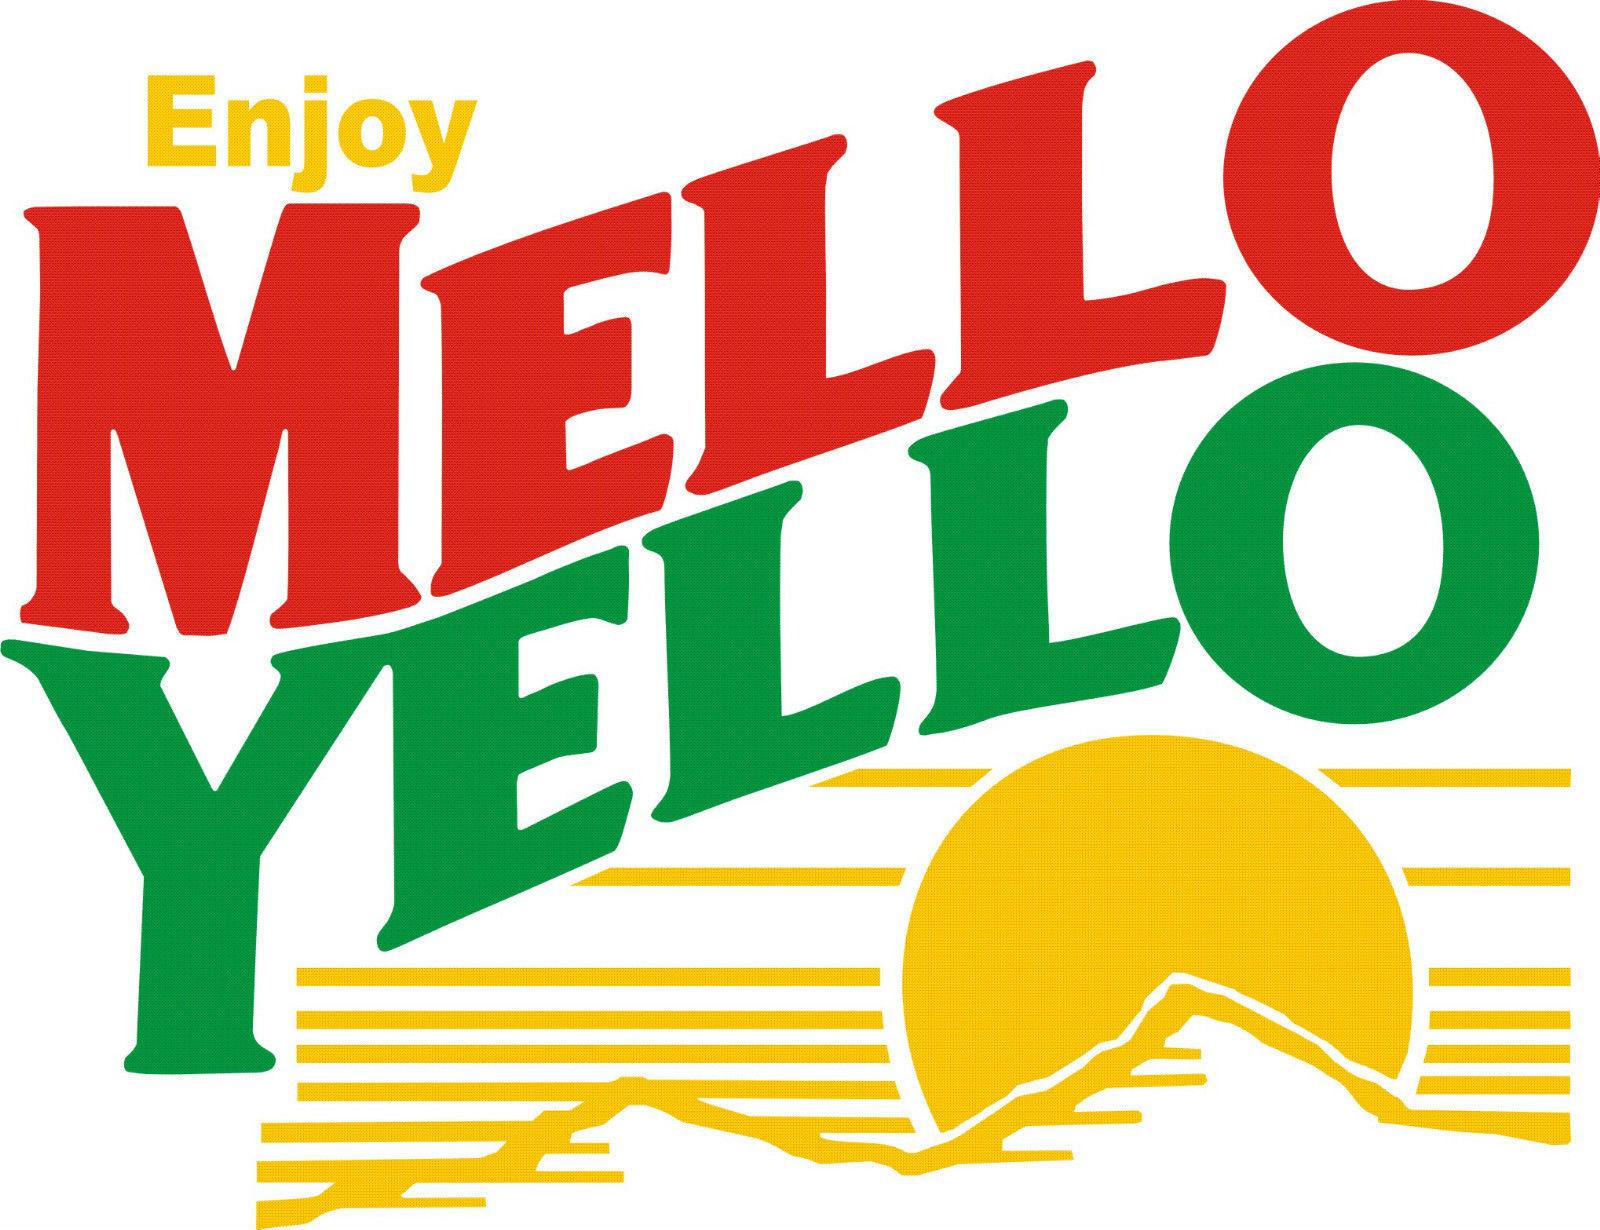 Mello Yello T shirt retro soda vintage logo 80's 100% cotton graphic tee